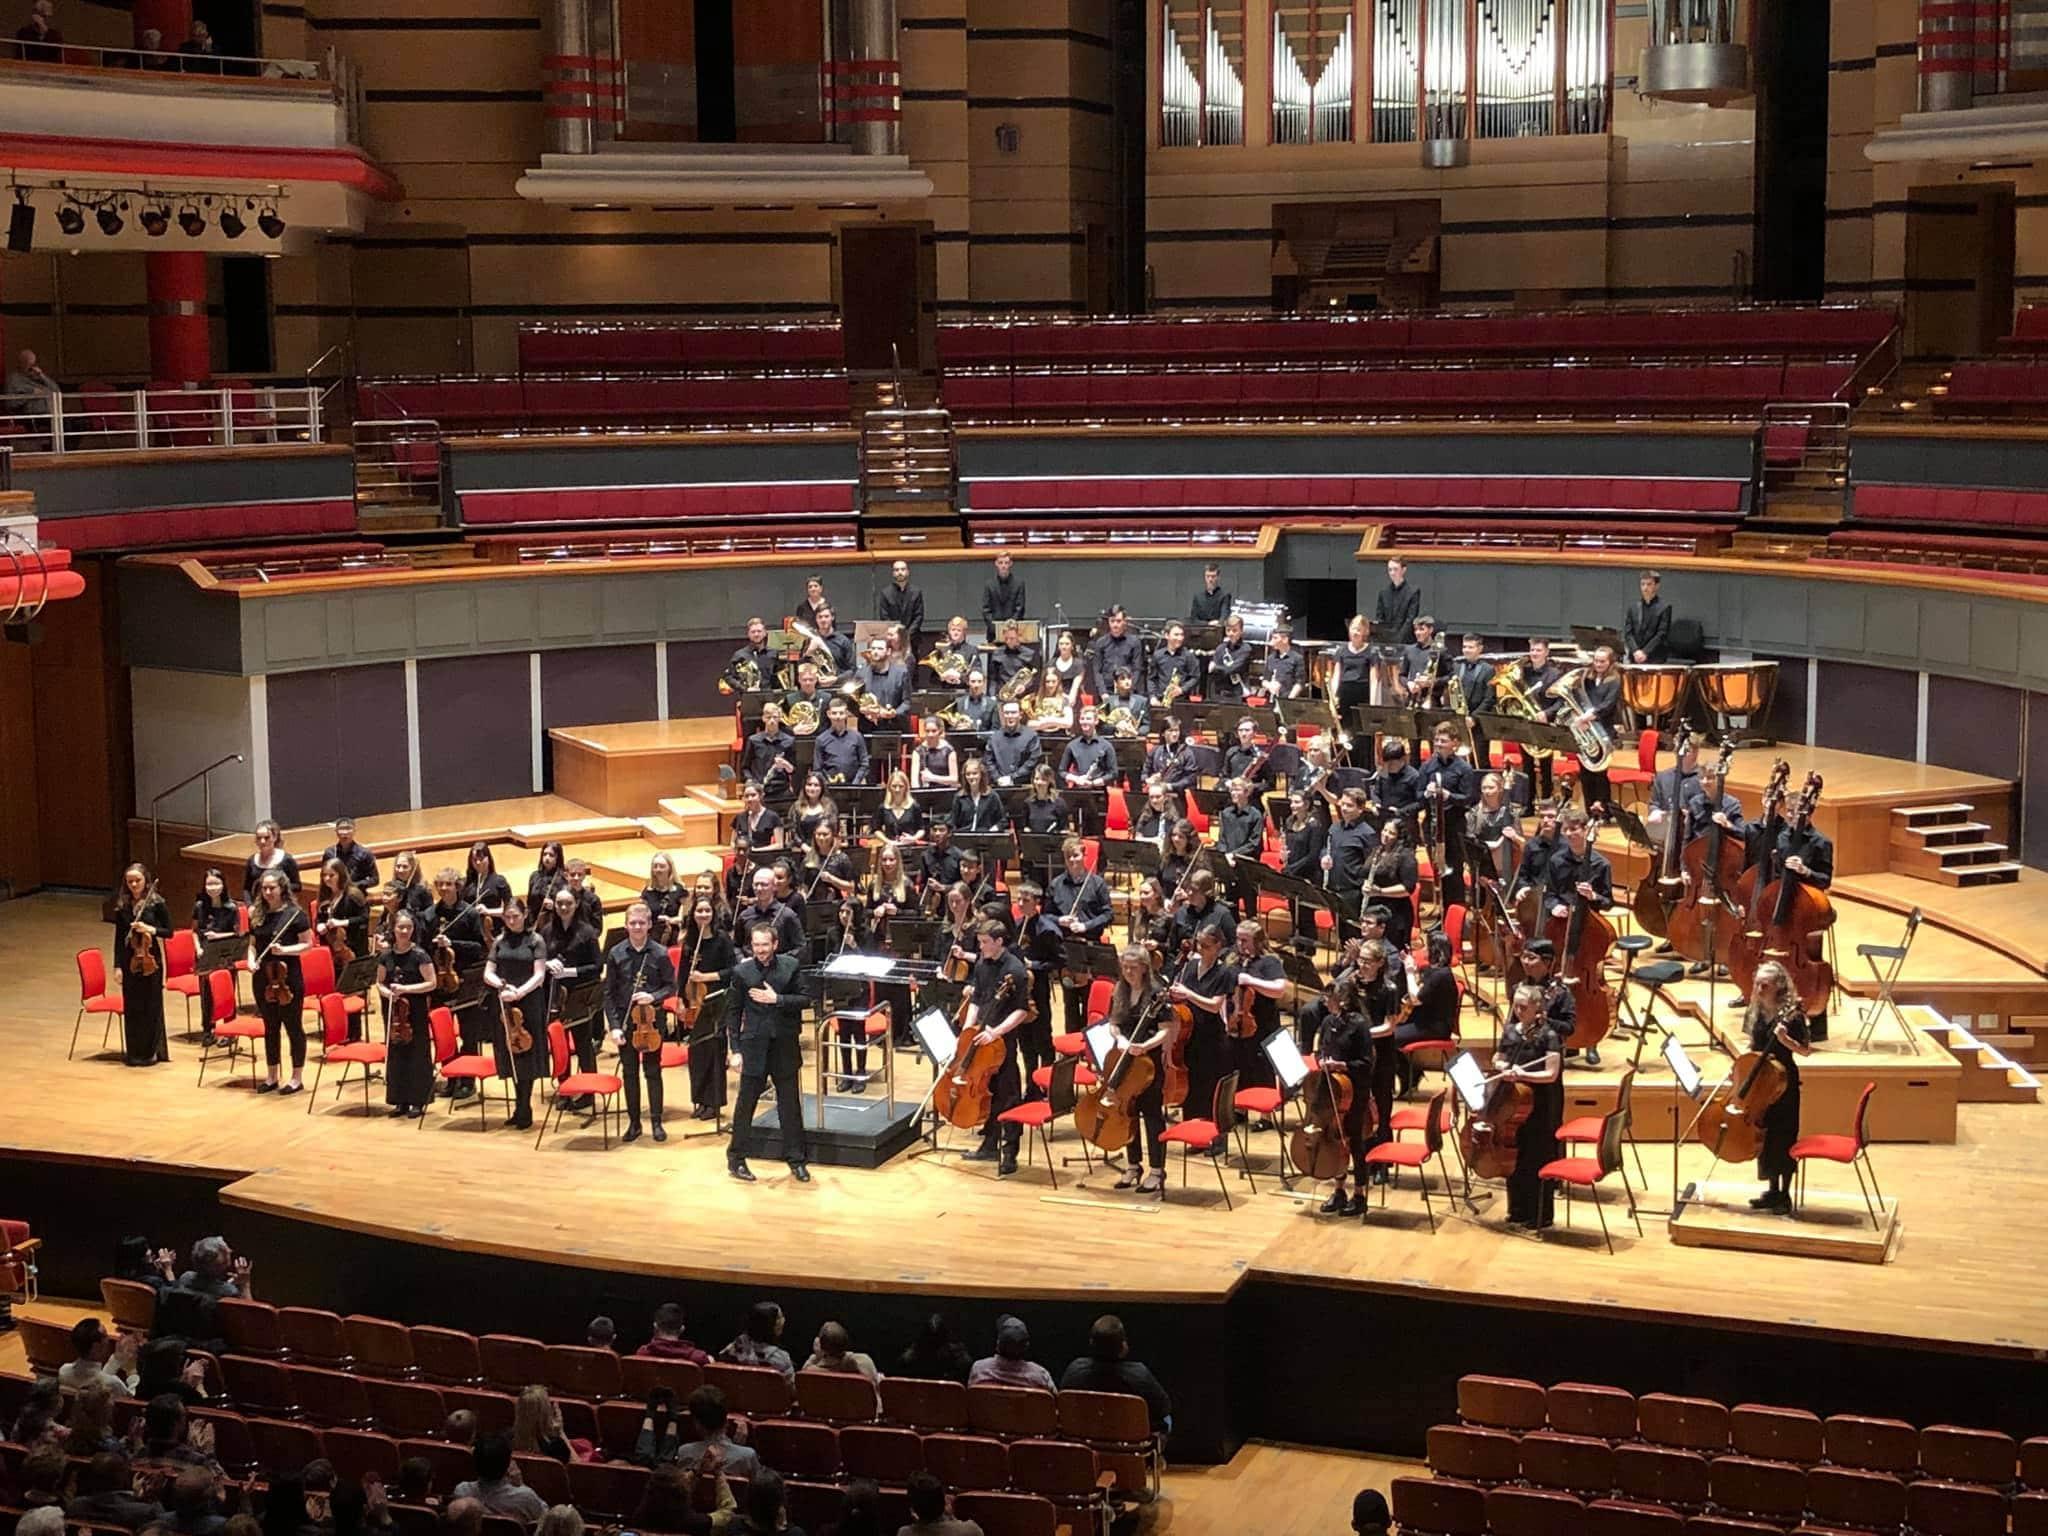 Just in: Birmingham gets £2.5m to reopen halls